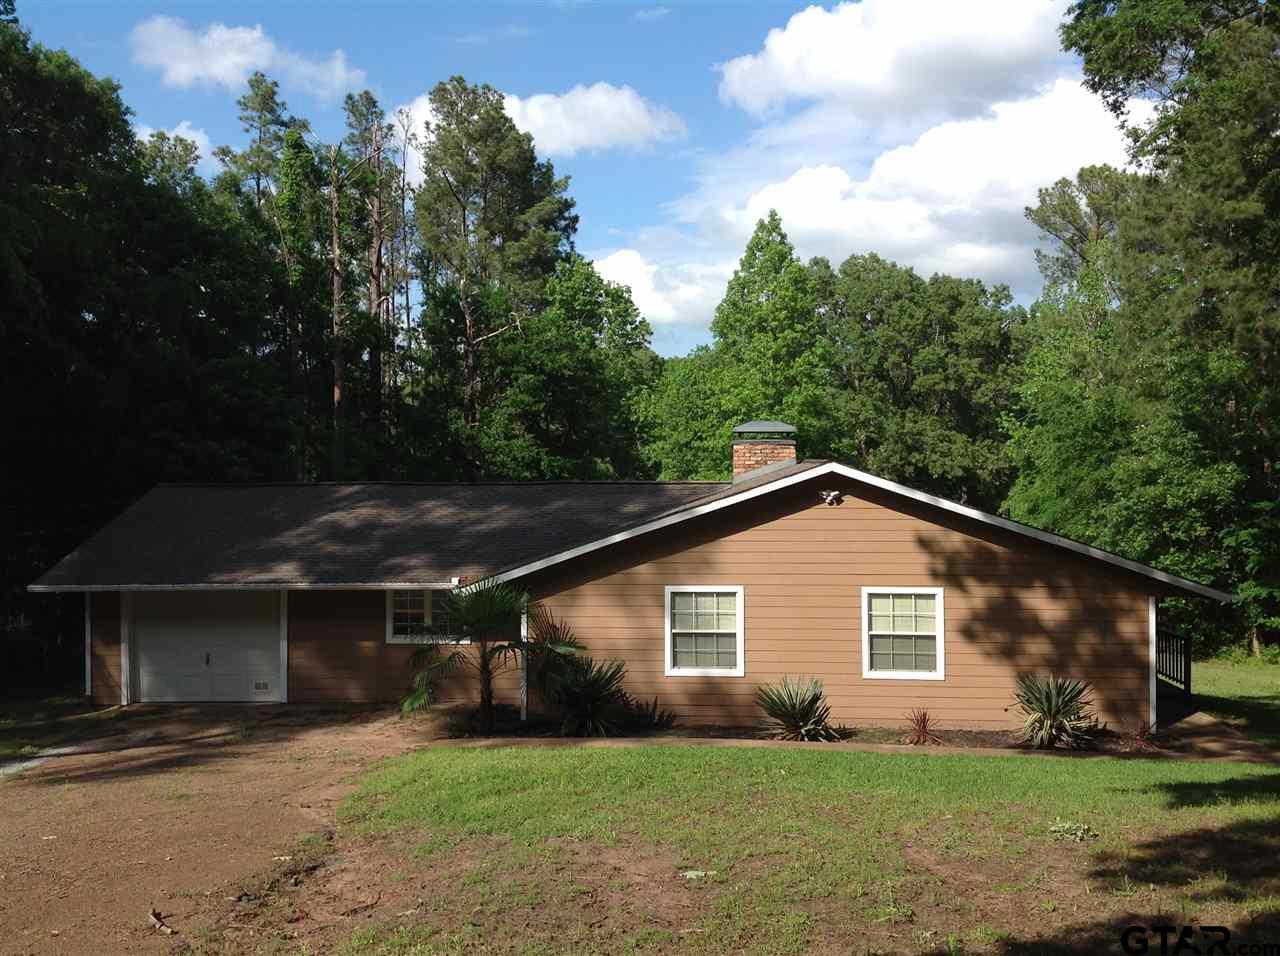 18313 N Lakeview Drive (Lot 90, 91), Troup, TX 75789